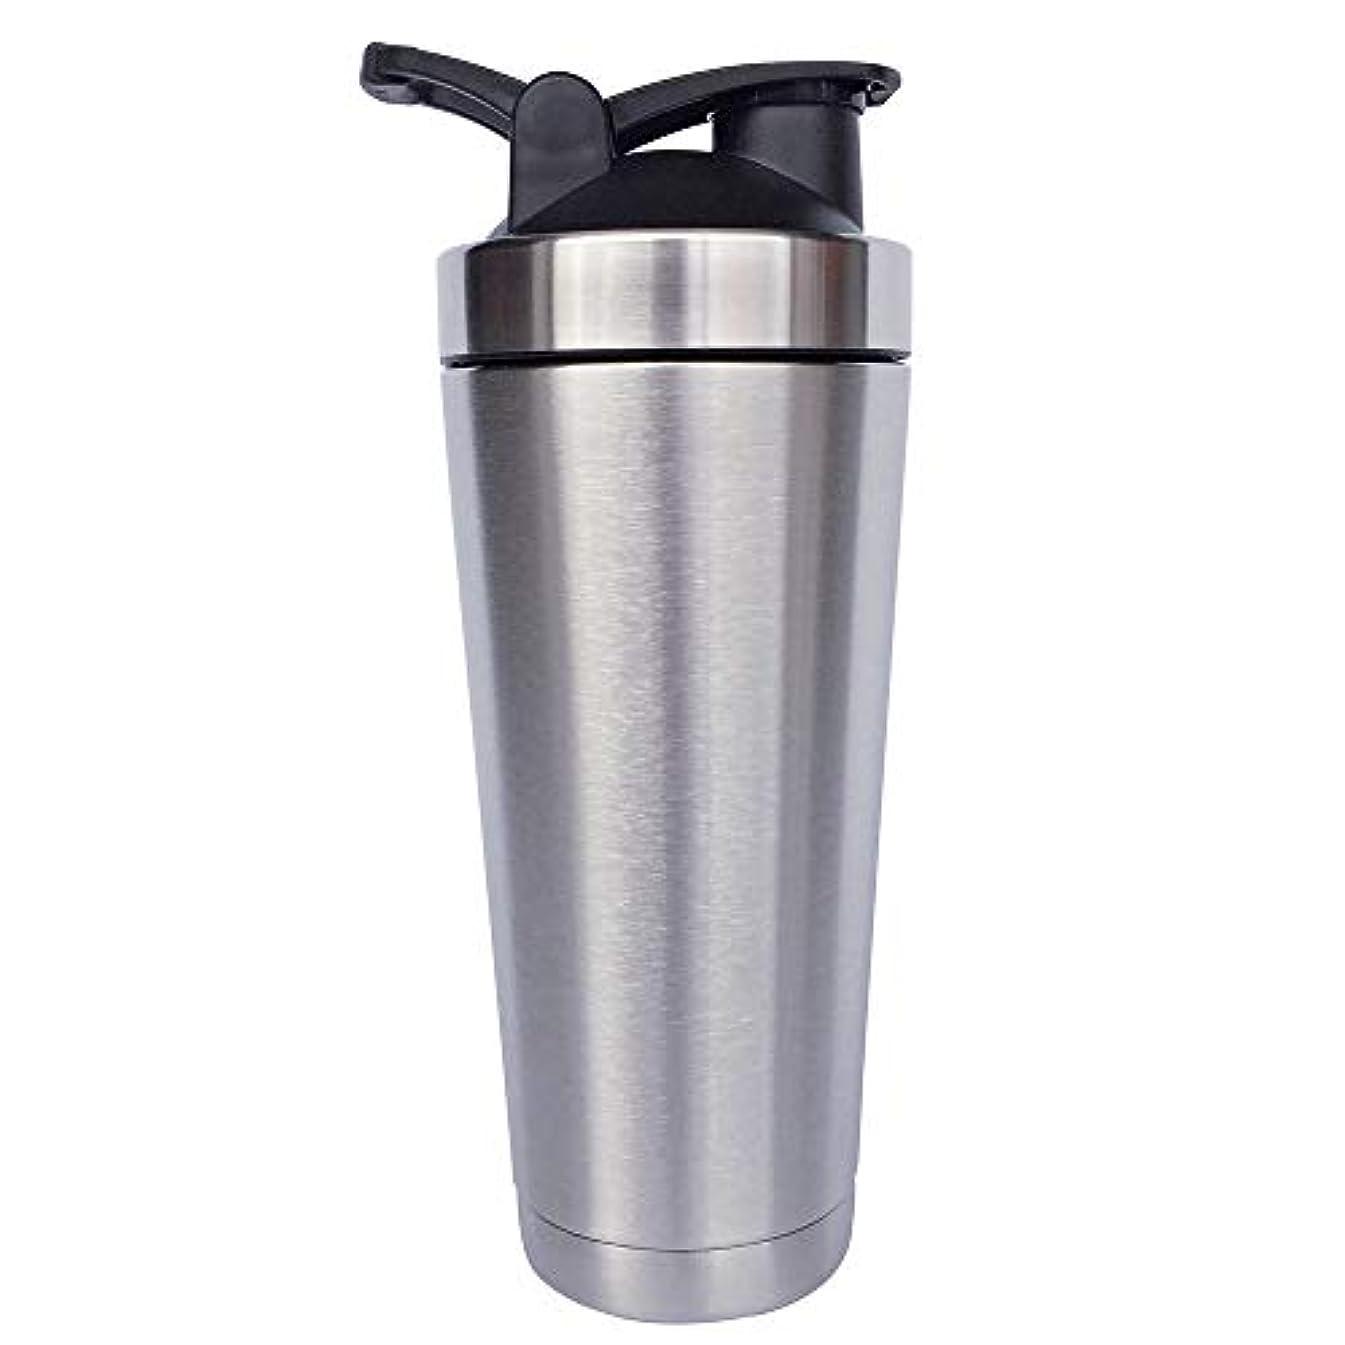 ヶ月目懐疑論場所シェーカーボトル-二重壁ステンレス鋼 & 真空断熱-時間のためのホットまたはコールドドリンクをキープ-臭気耐性抗菌汗プルーフ-環境にやさしい無毒 (銀),720ml